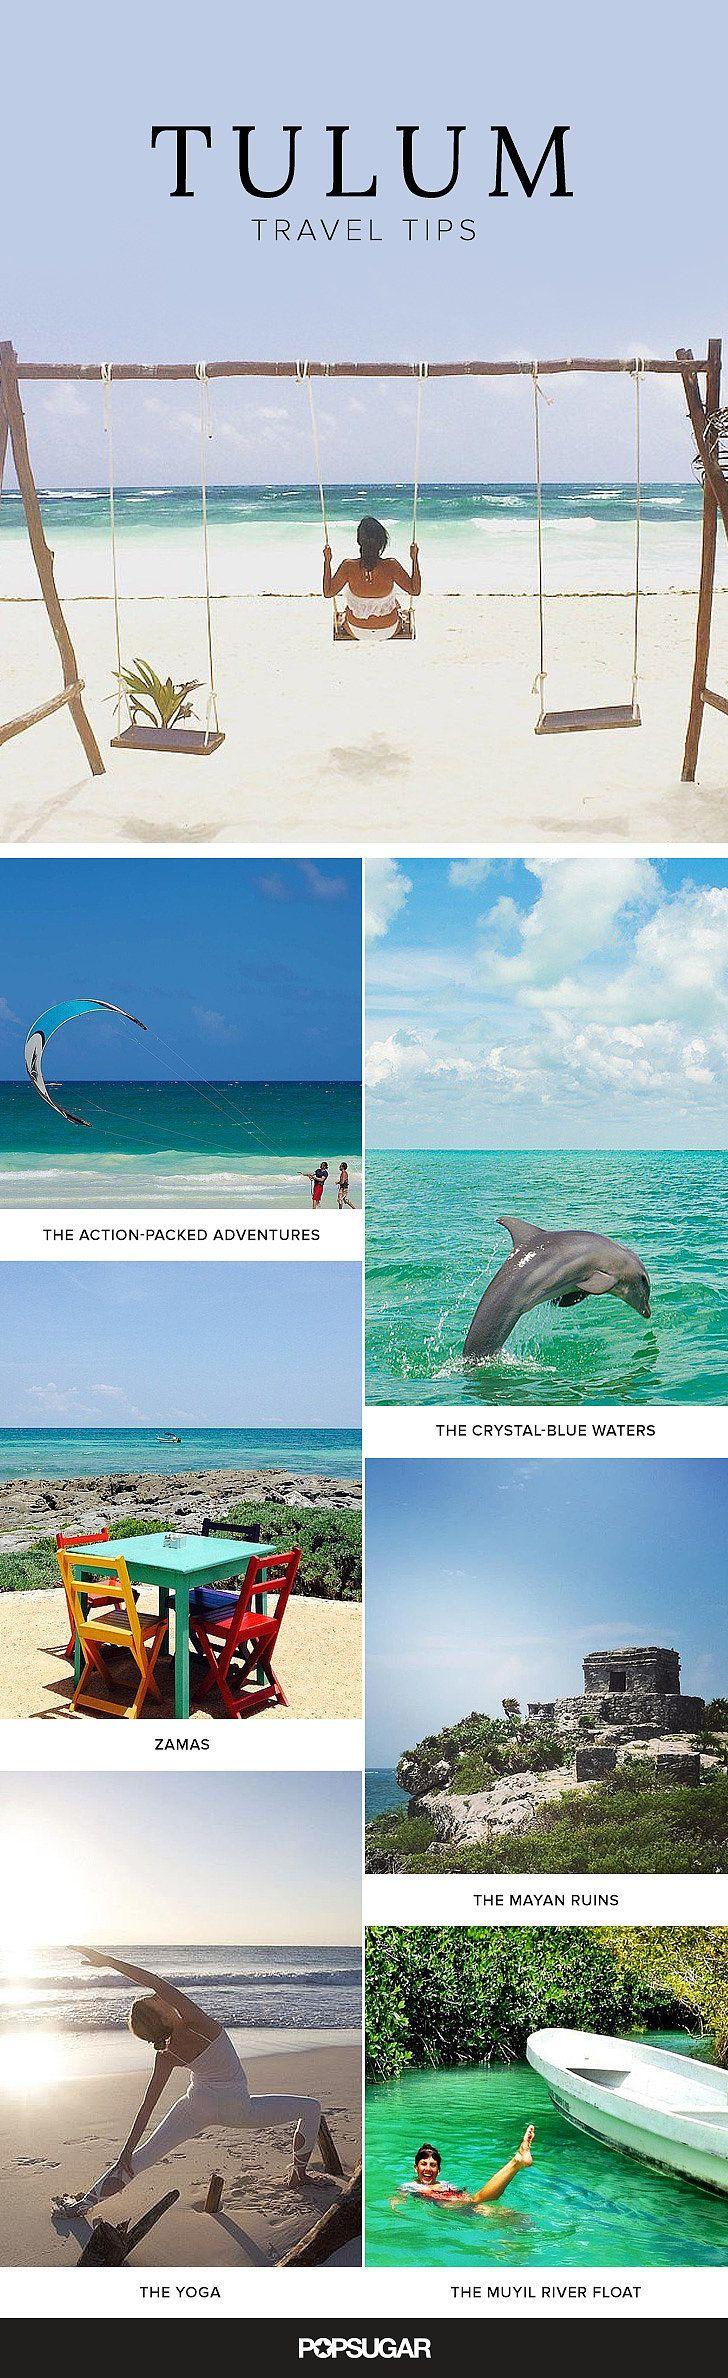 Dentro de Nuestro Top#5 Destinos de Playa Imperdibles #Tulum #QuintanaRoo es más que la zona arqueológica frente a la playa, arenas blancas, hoteles rústicos y acogedores, buena cocina, y tesoros naturales del Caribe Mexicano